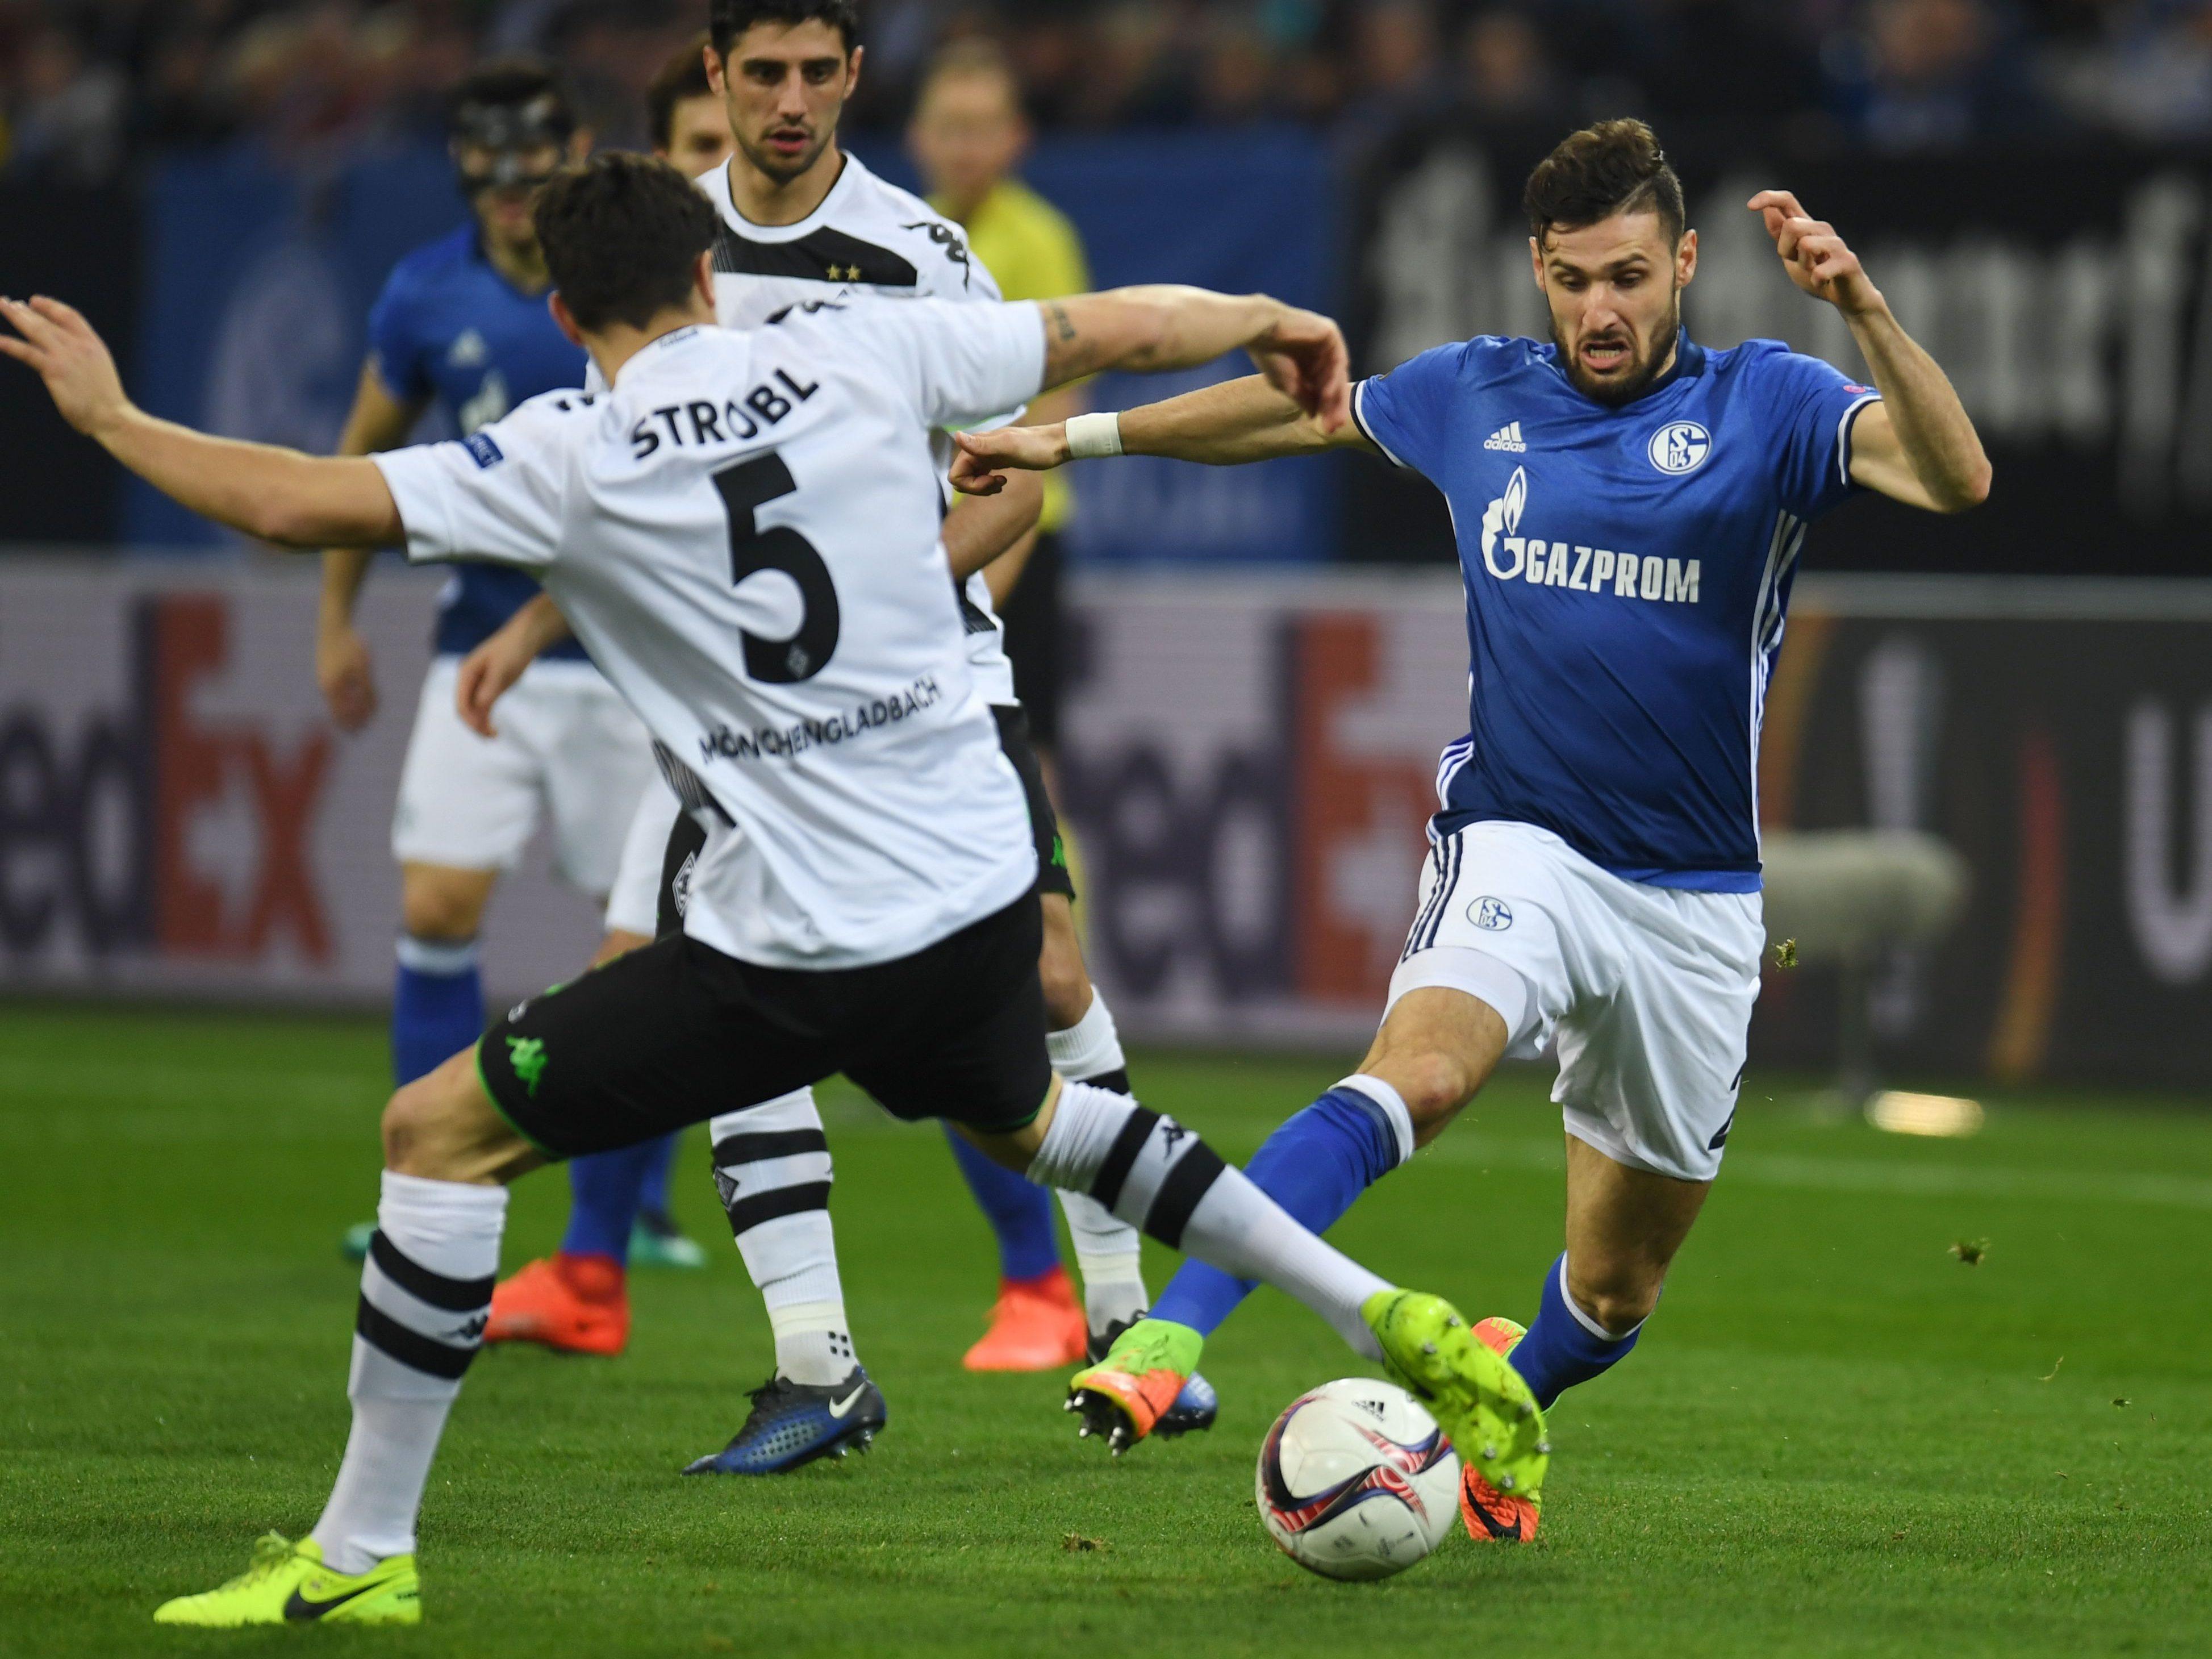 Hier wird Borussia Mönchengladbach gegen Schalke 04 gezeigt: Live-Stream, TV-Übertragung  und Ticker - Fussball - VIENNA.AT